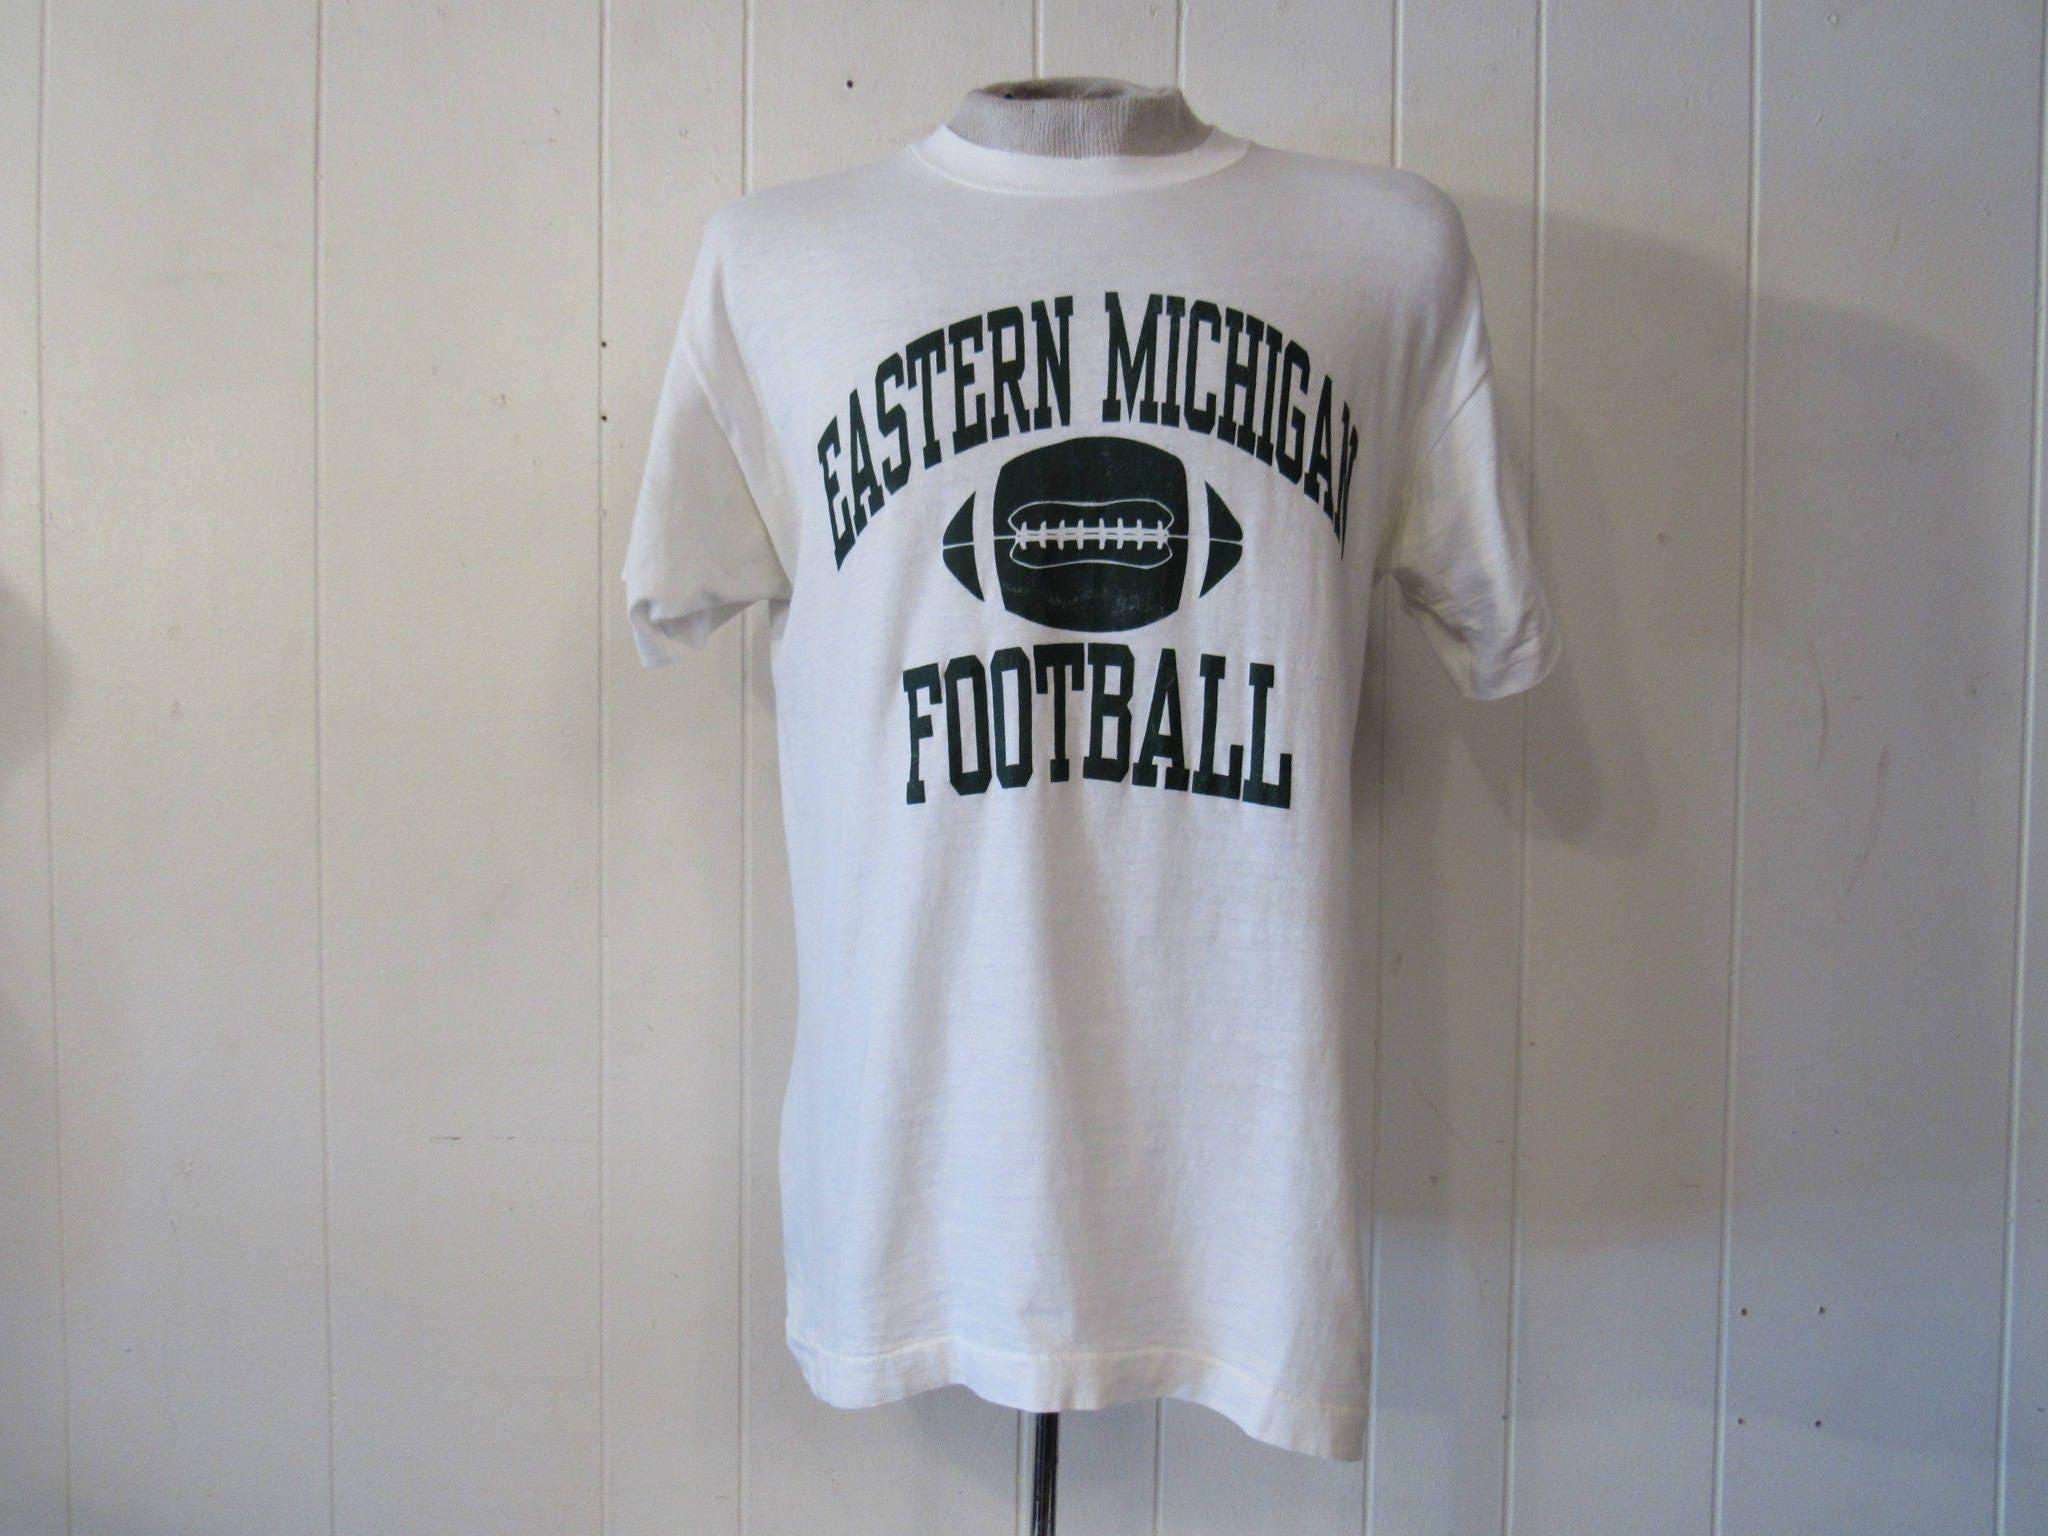 Vintage T Shirt Football T Shirt Eastern Michigan T Shirt Eastern Michigan Football Vintage Clothing Medium Unisex Tshirt